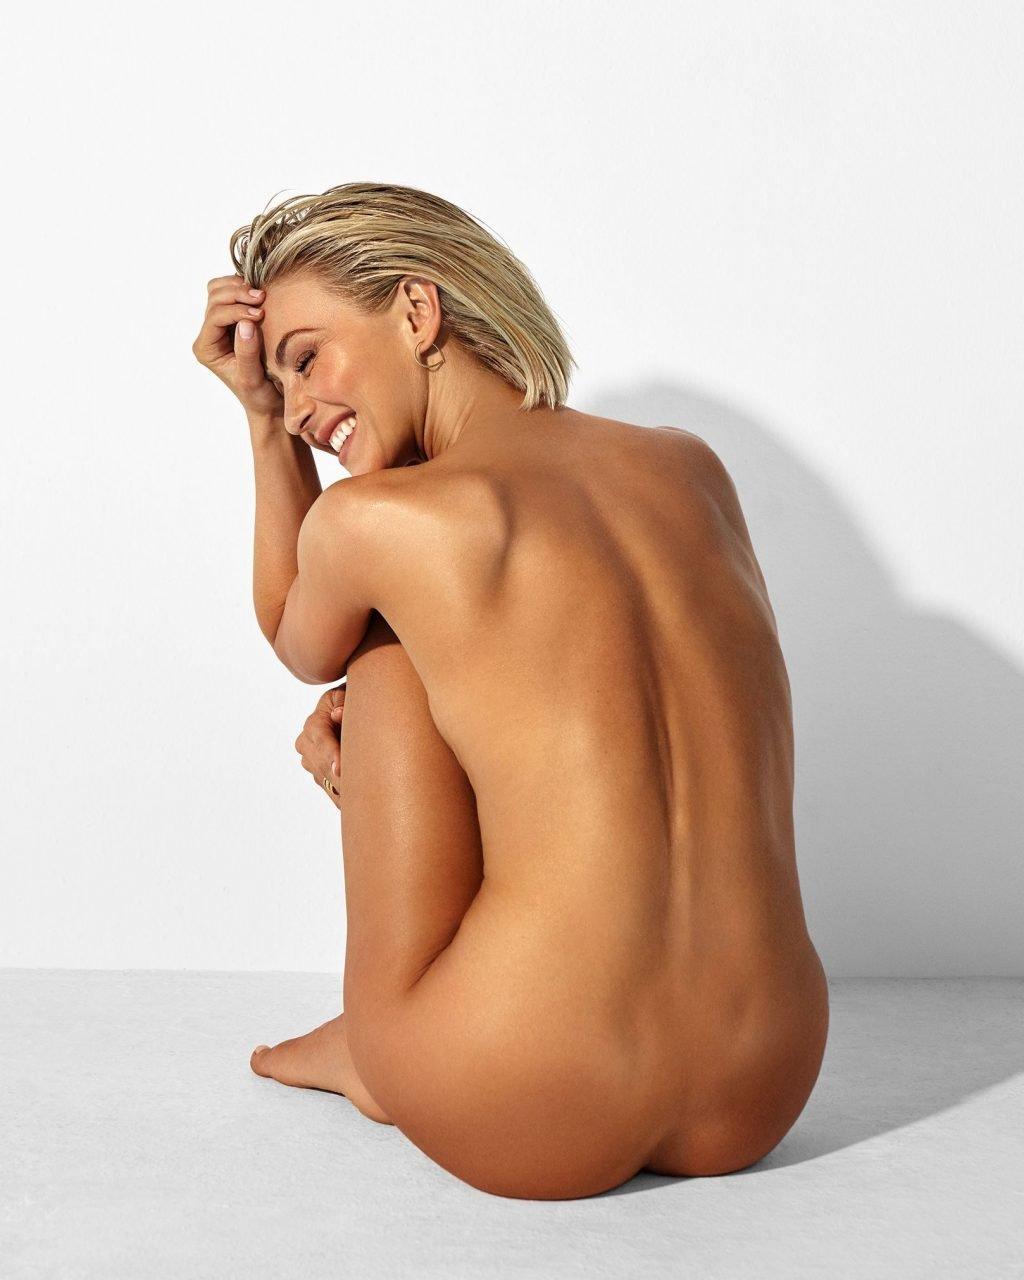 Julianne hough naked